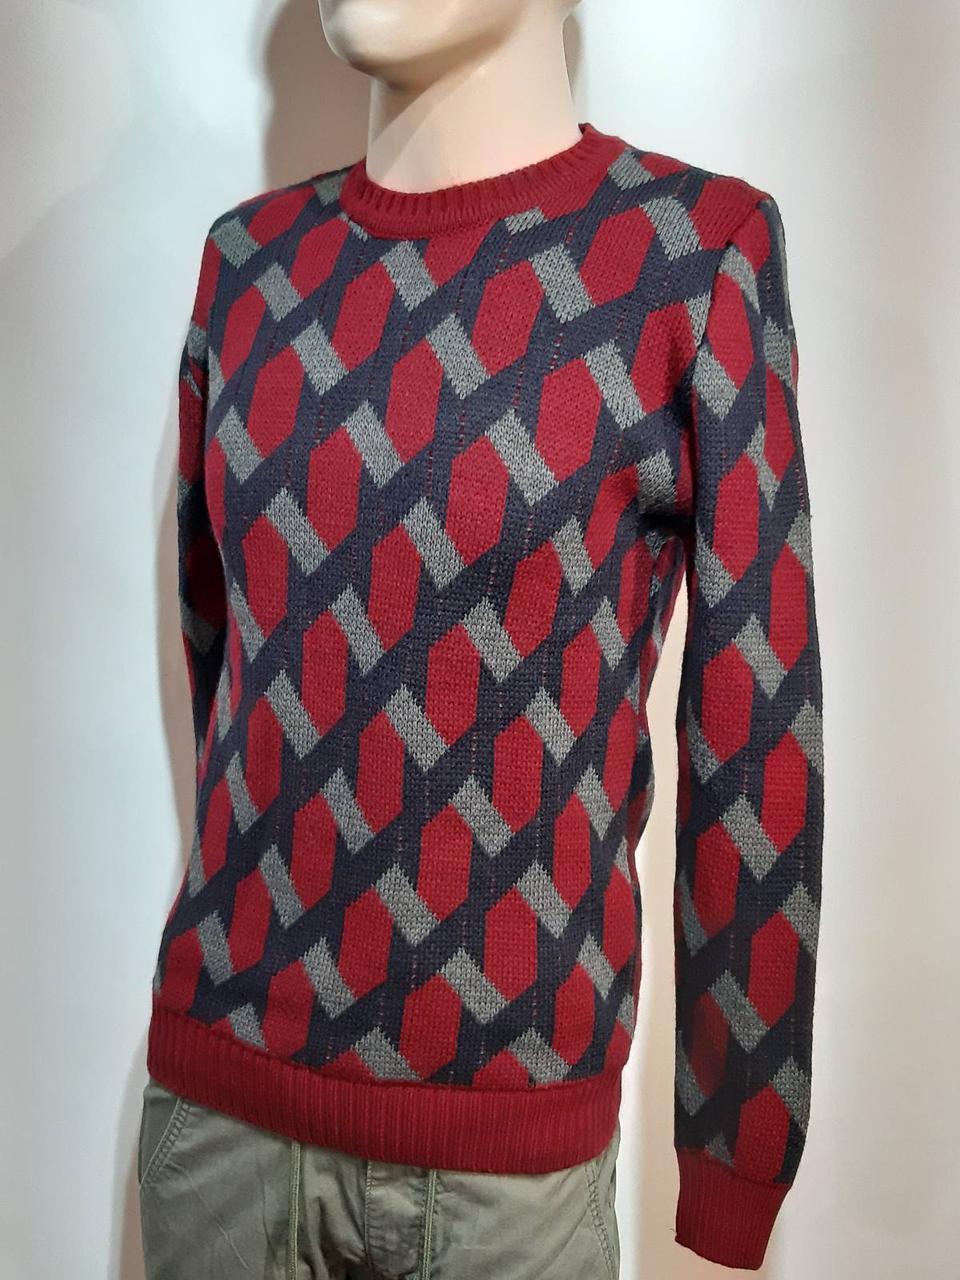 Мужской теплый шерстяной свитер Турция Красный